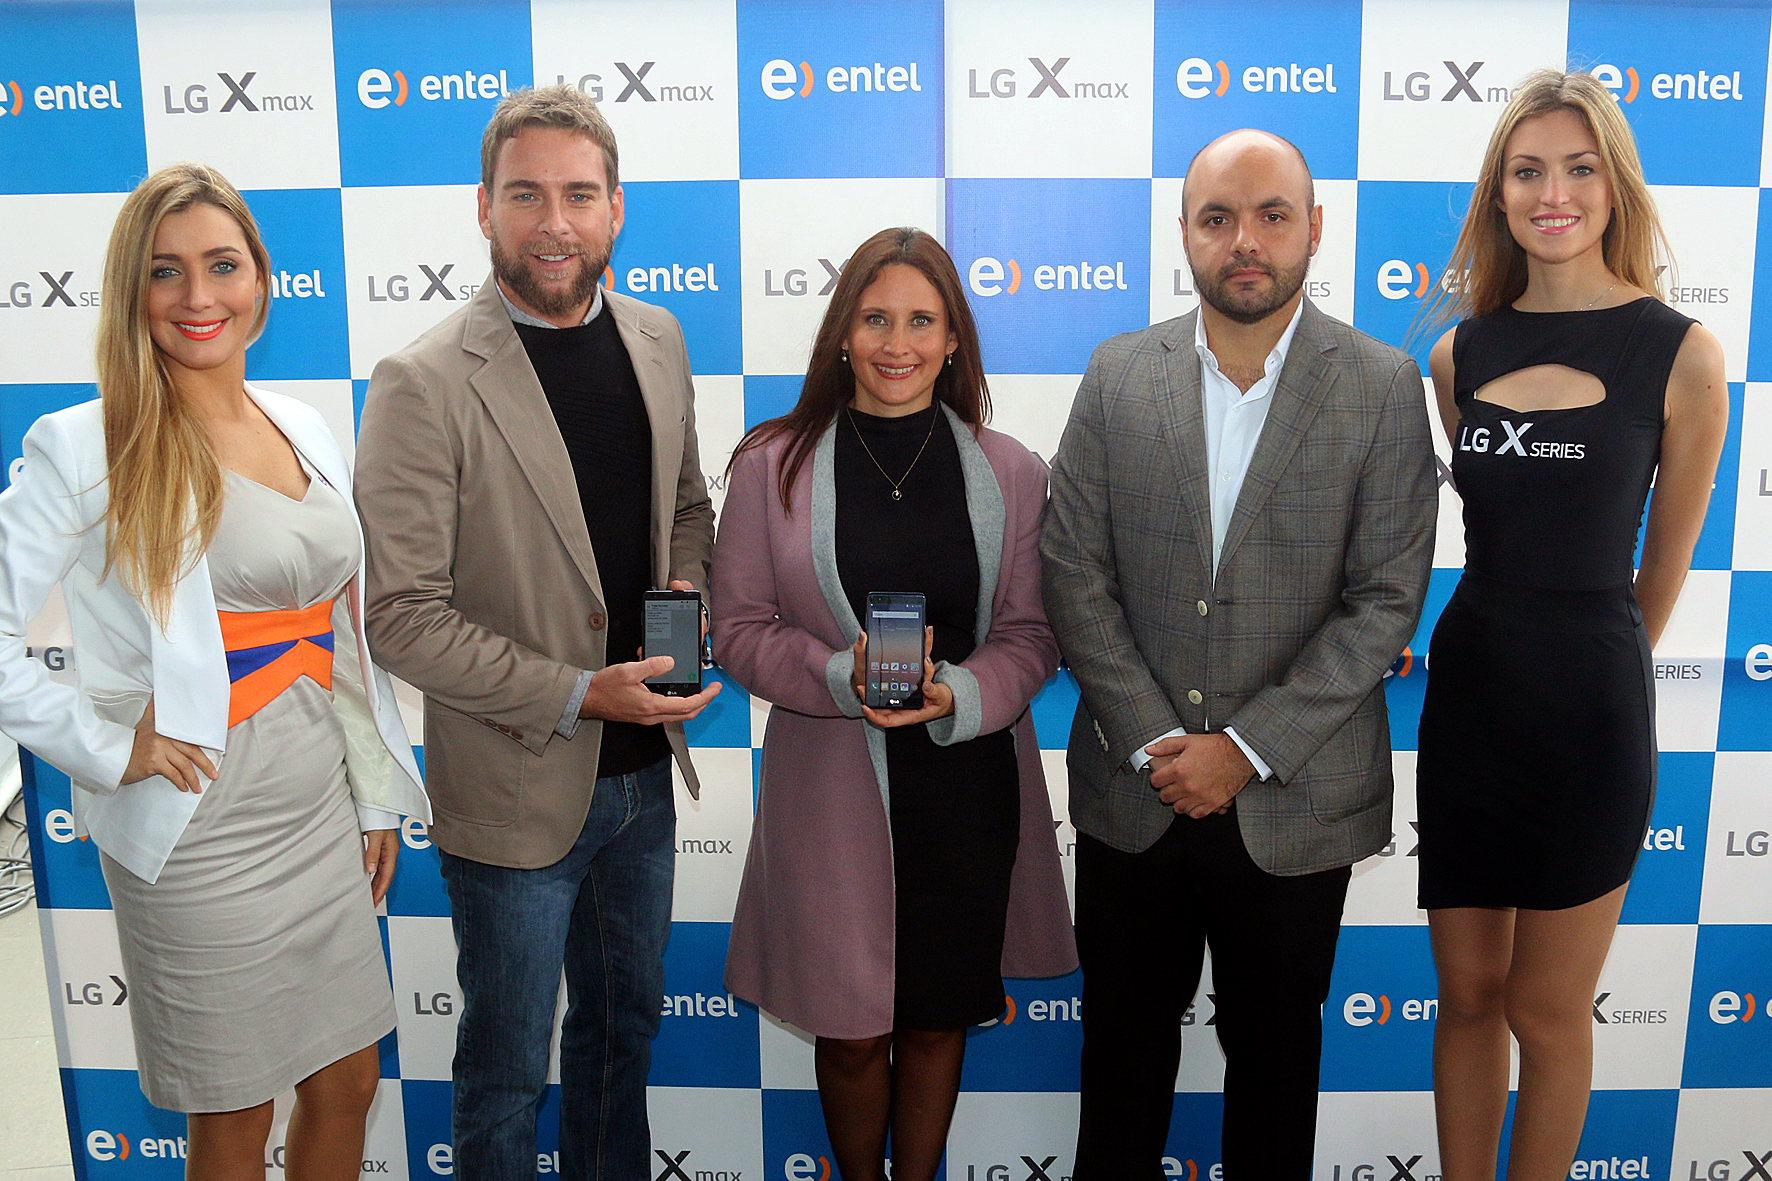 Entel y LG presentan la  X Max: Smartphone de la serie X con características únicas para necesidades distintas